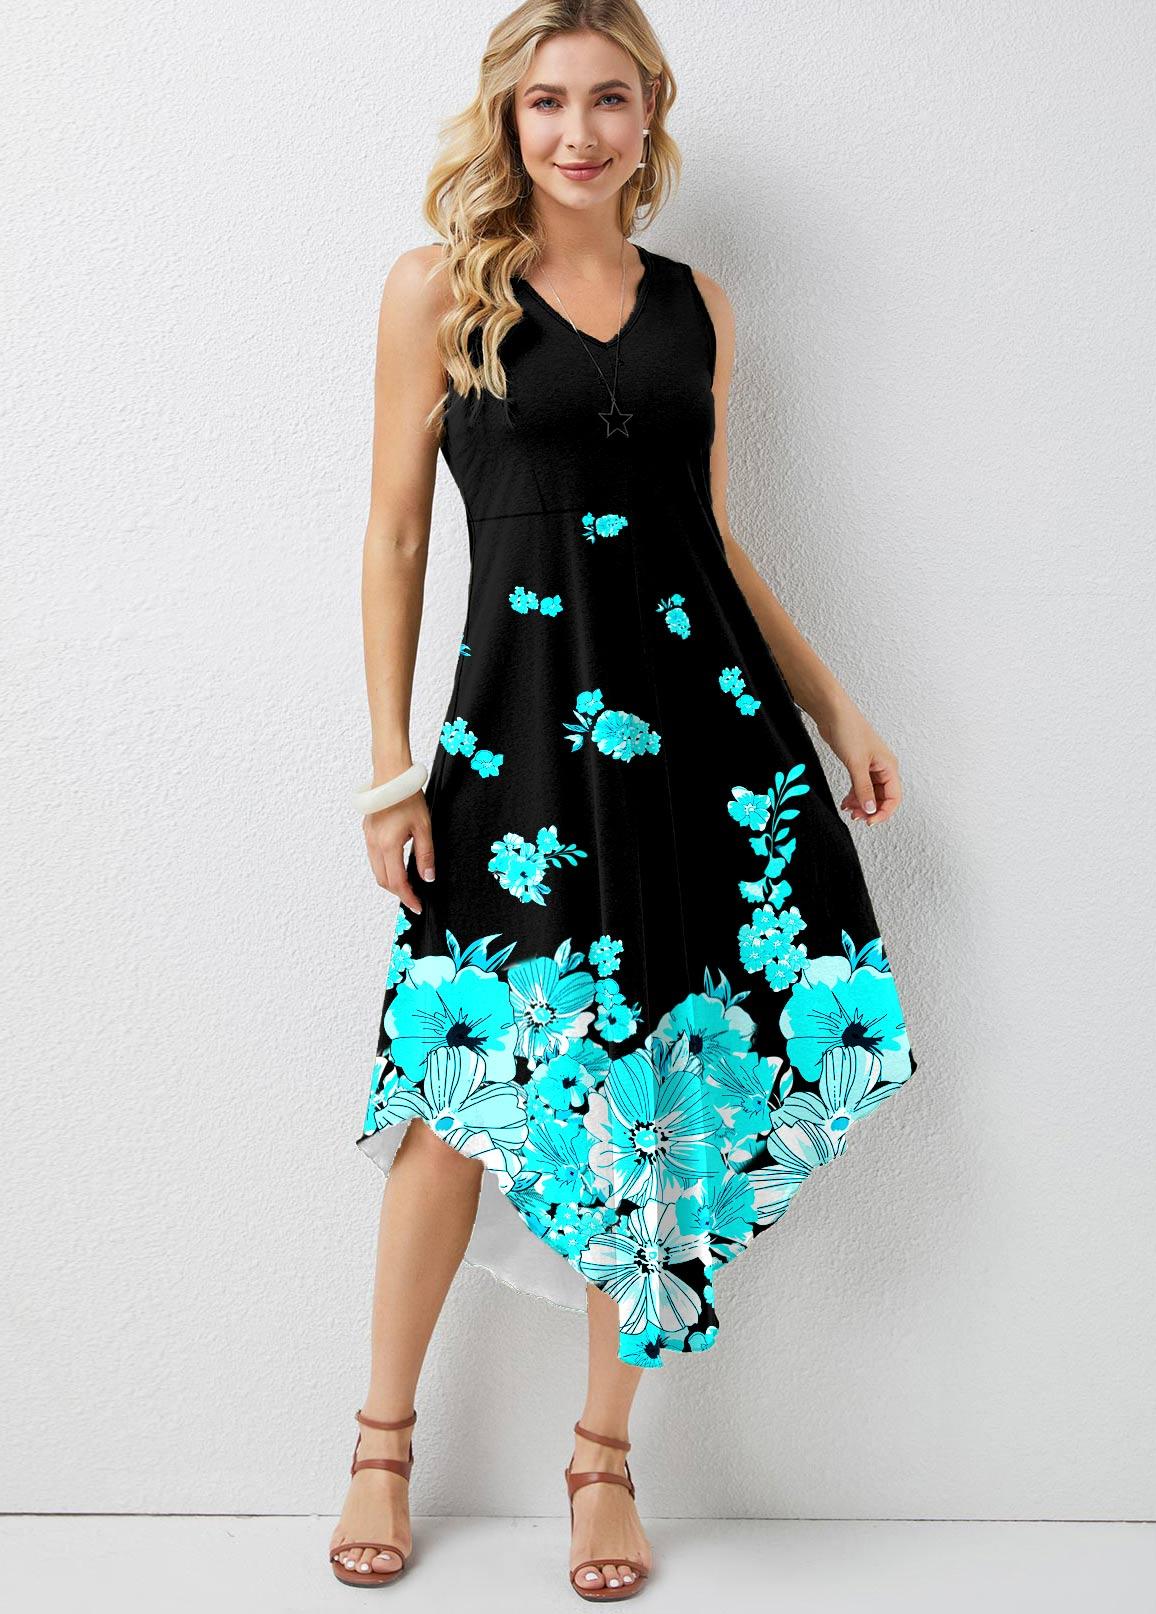 Ombre Floral Print V Neck Dress